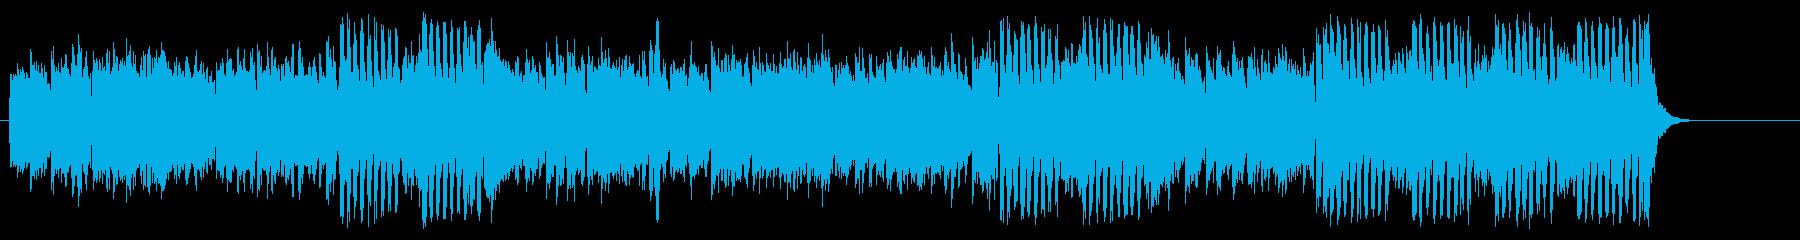 アンニュイなシャンソンテイストのワルツの再生済みの波形